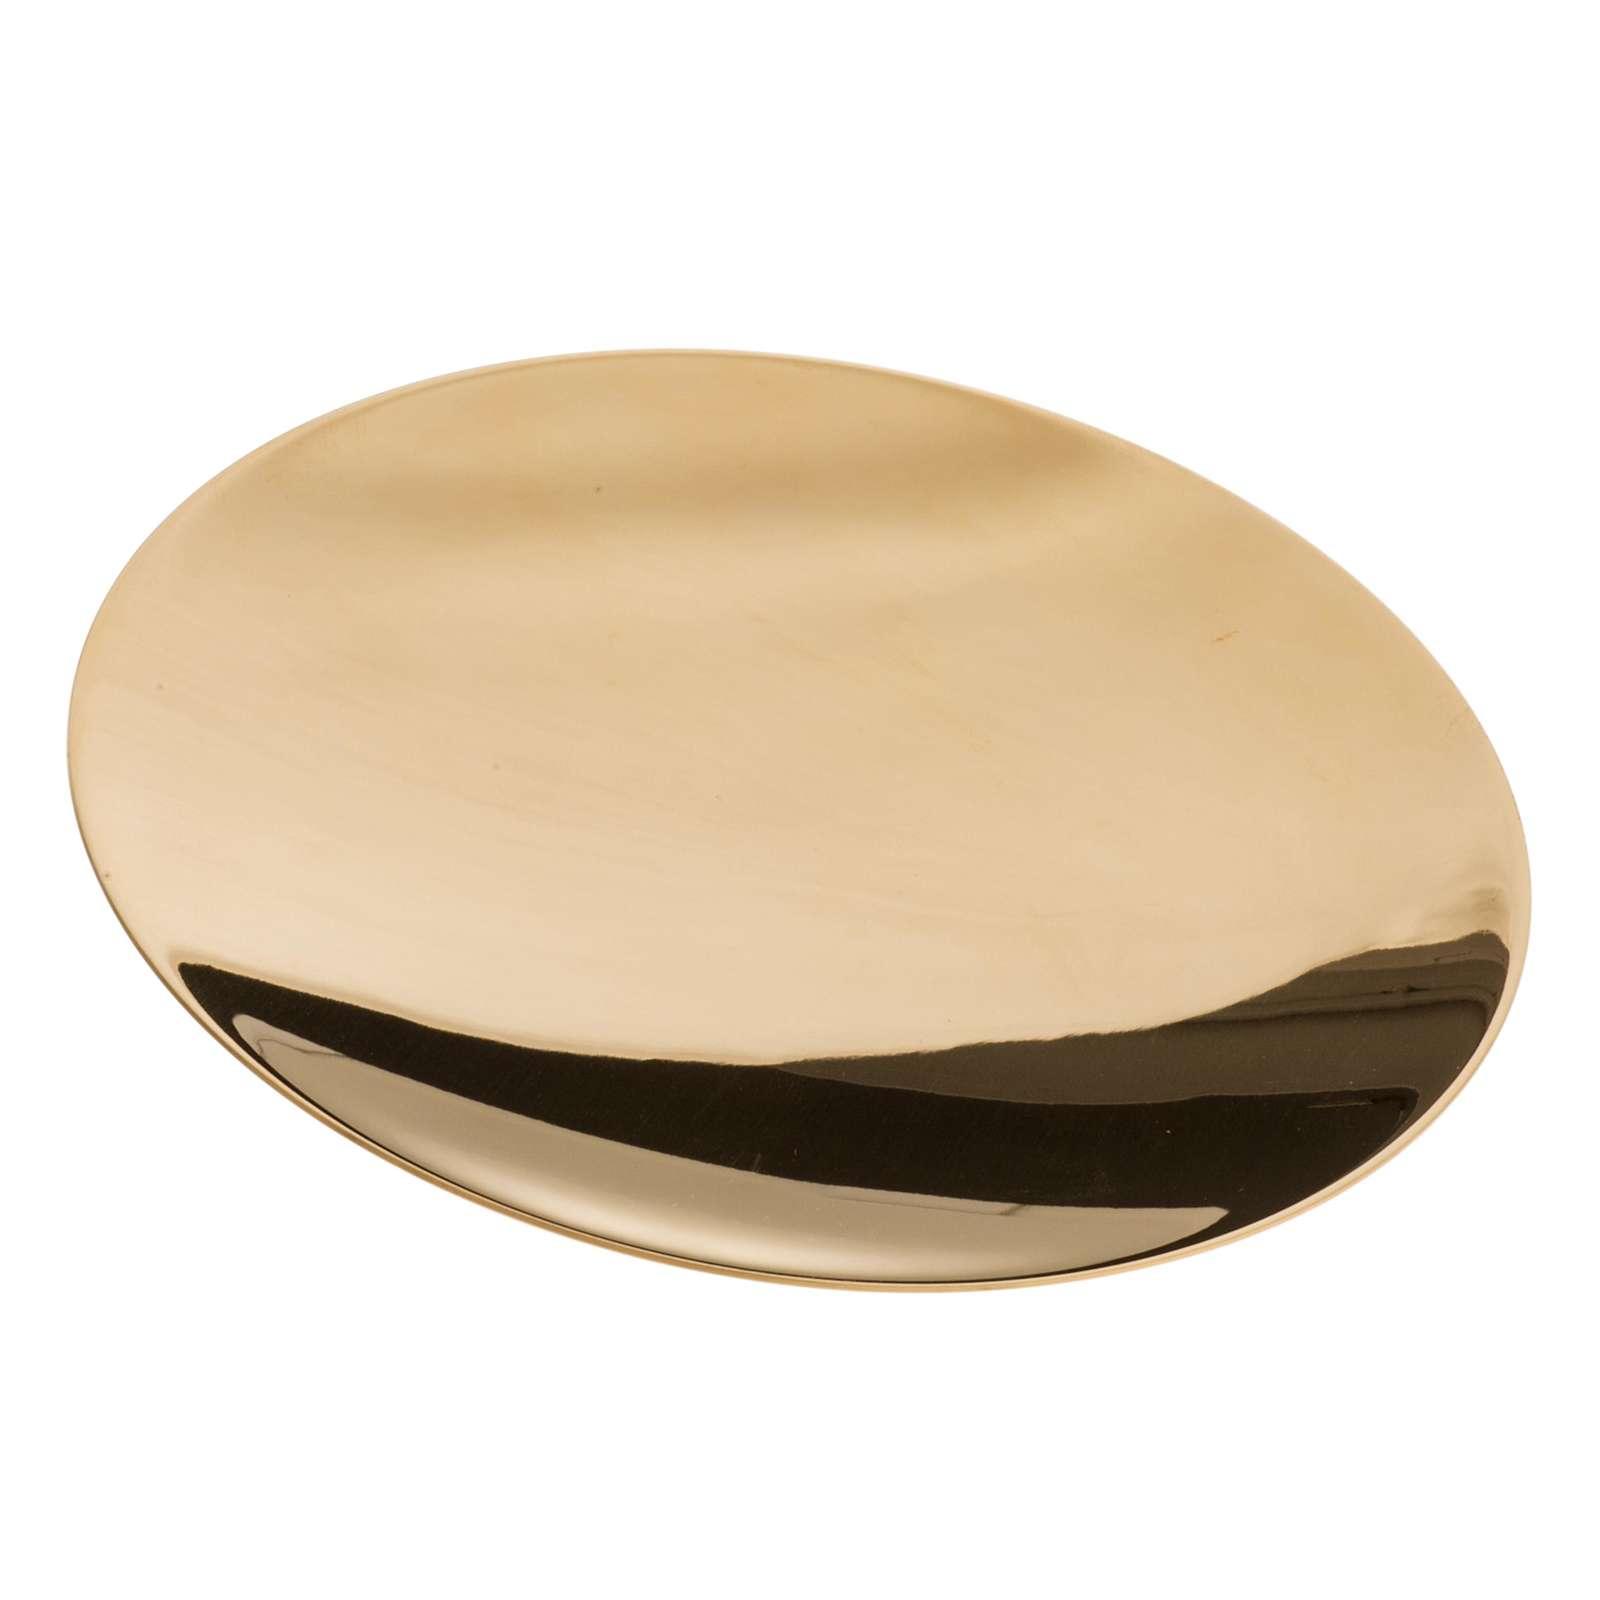 Patena ottone liscia incisa diam. 15 cm 4